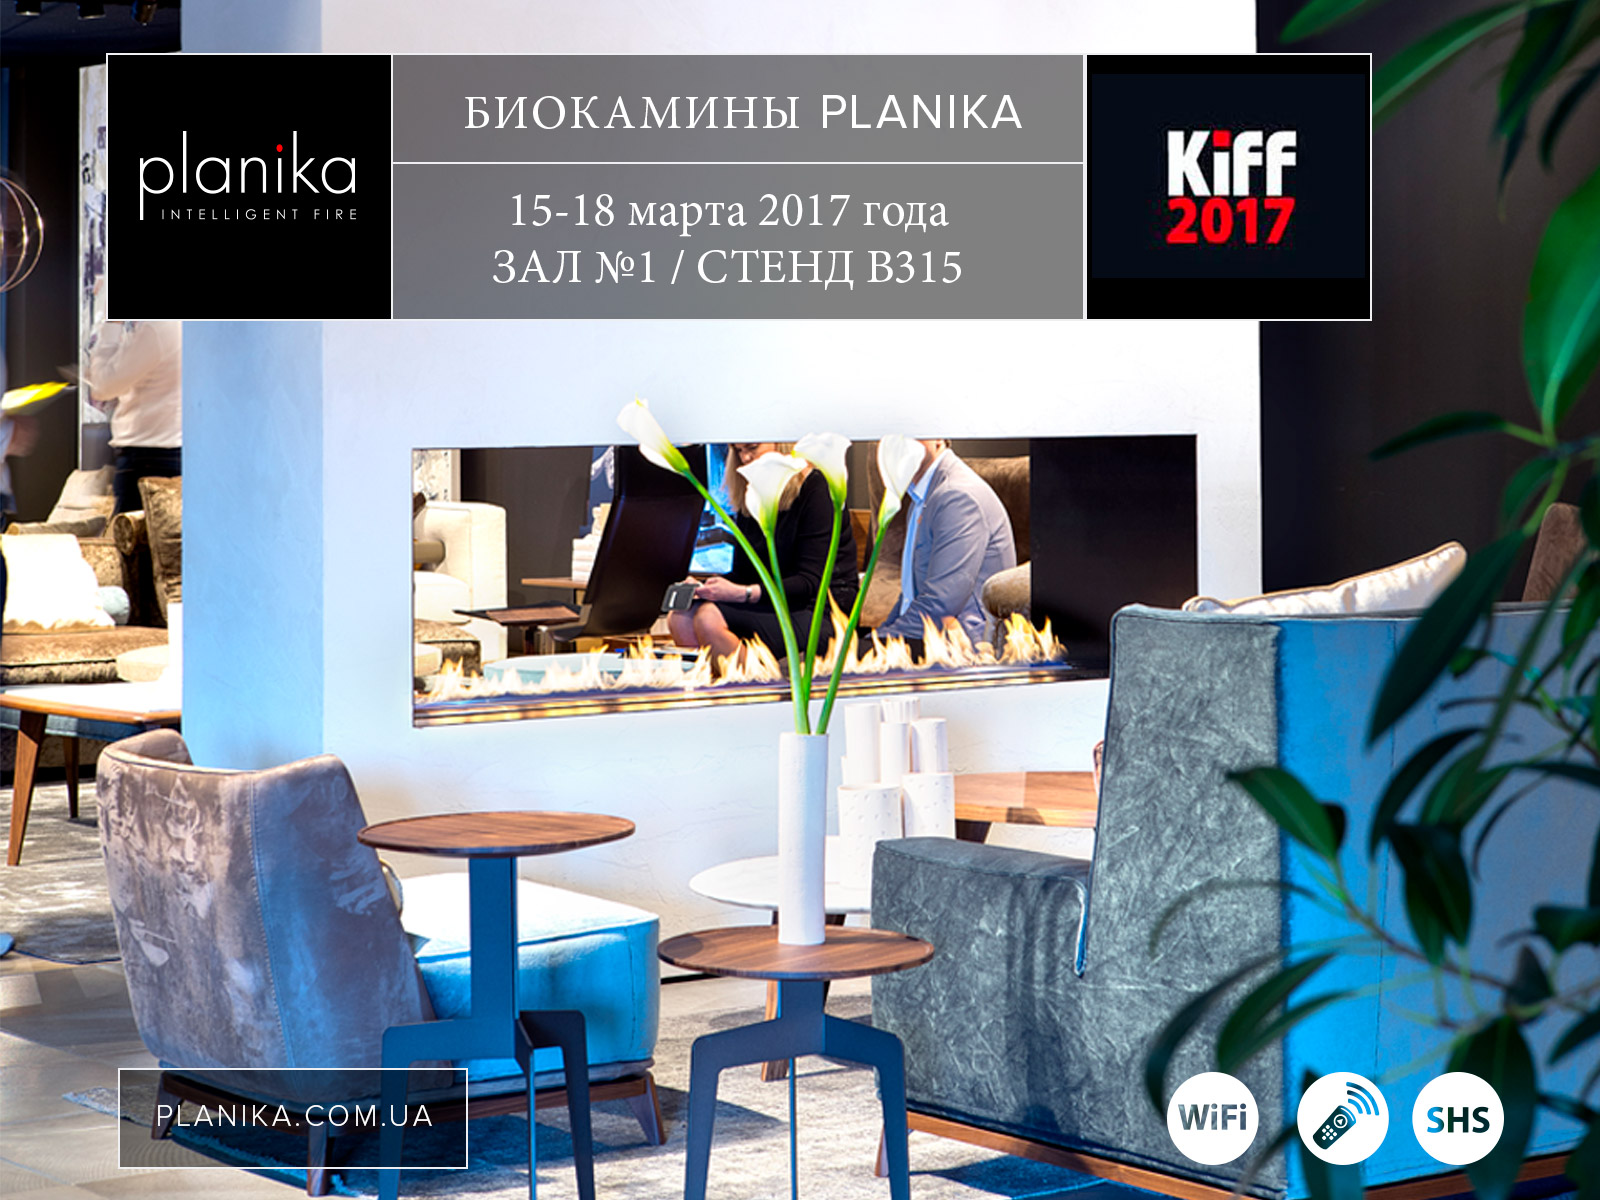 Биокамины Planika на мебельной выставке KIFF